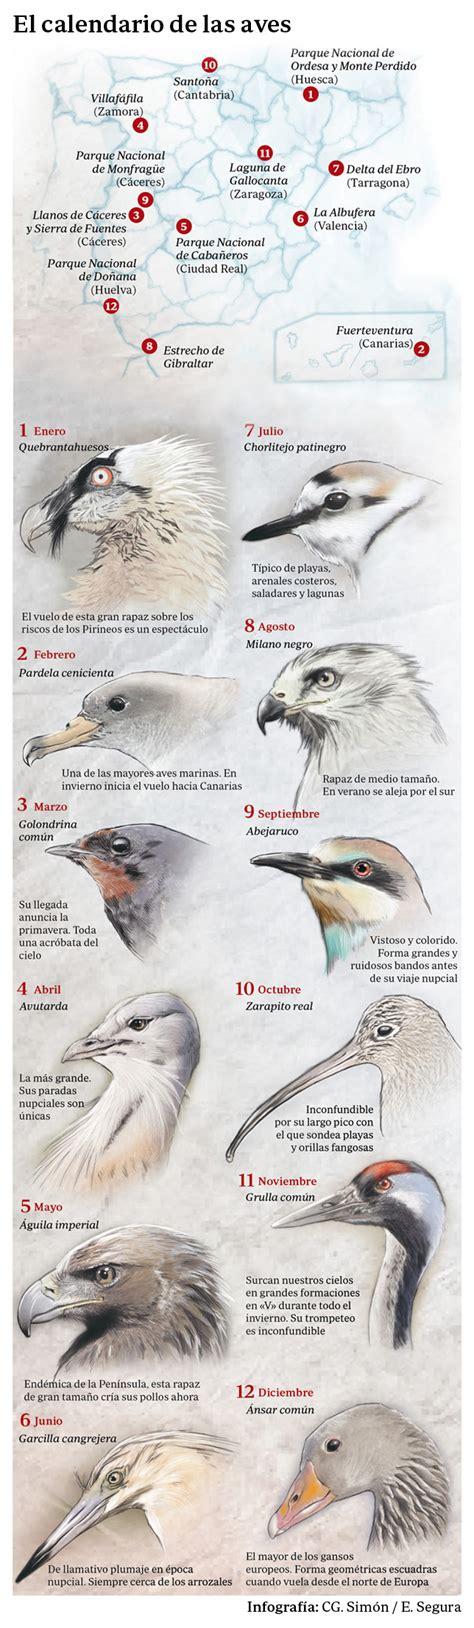 El turismo de observación de aves lucha por levantar el vuelo